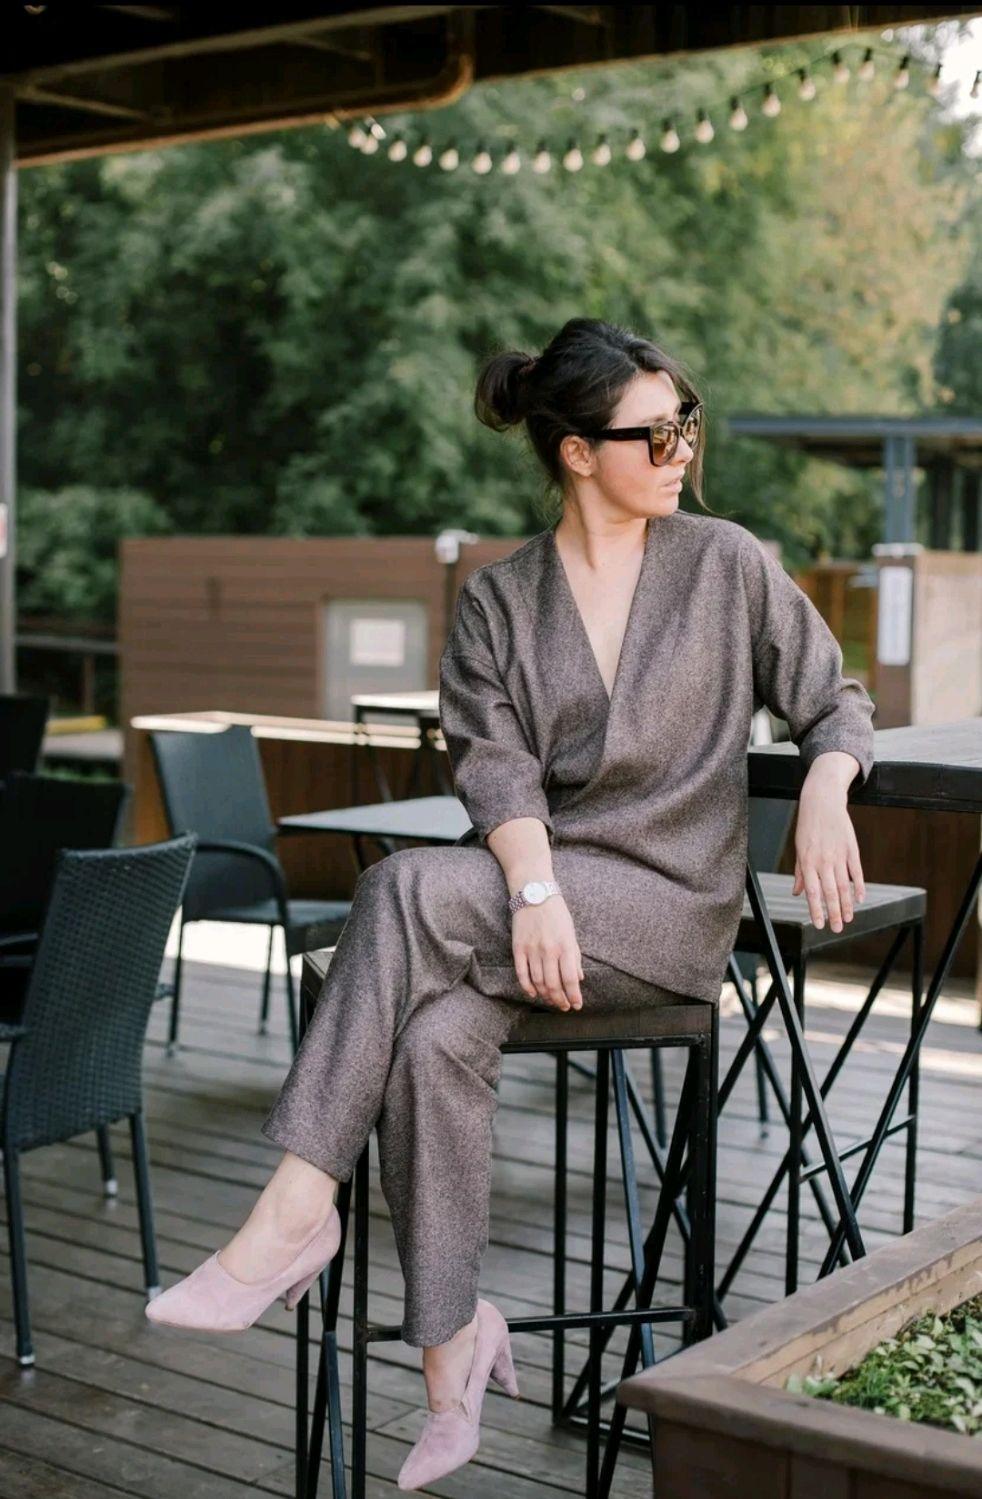 Тëплый костюм с жакетом в стиле кимоно, Костюмы, Москва,  Фото №1